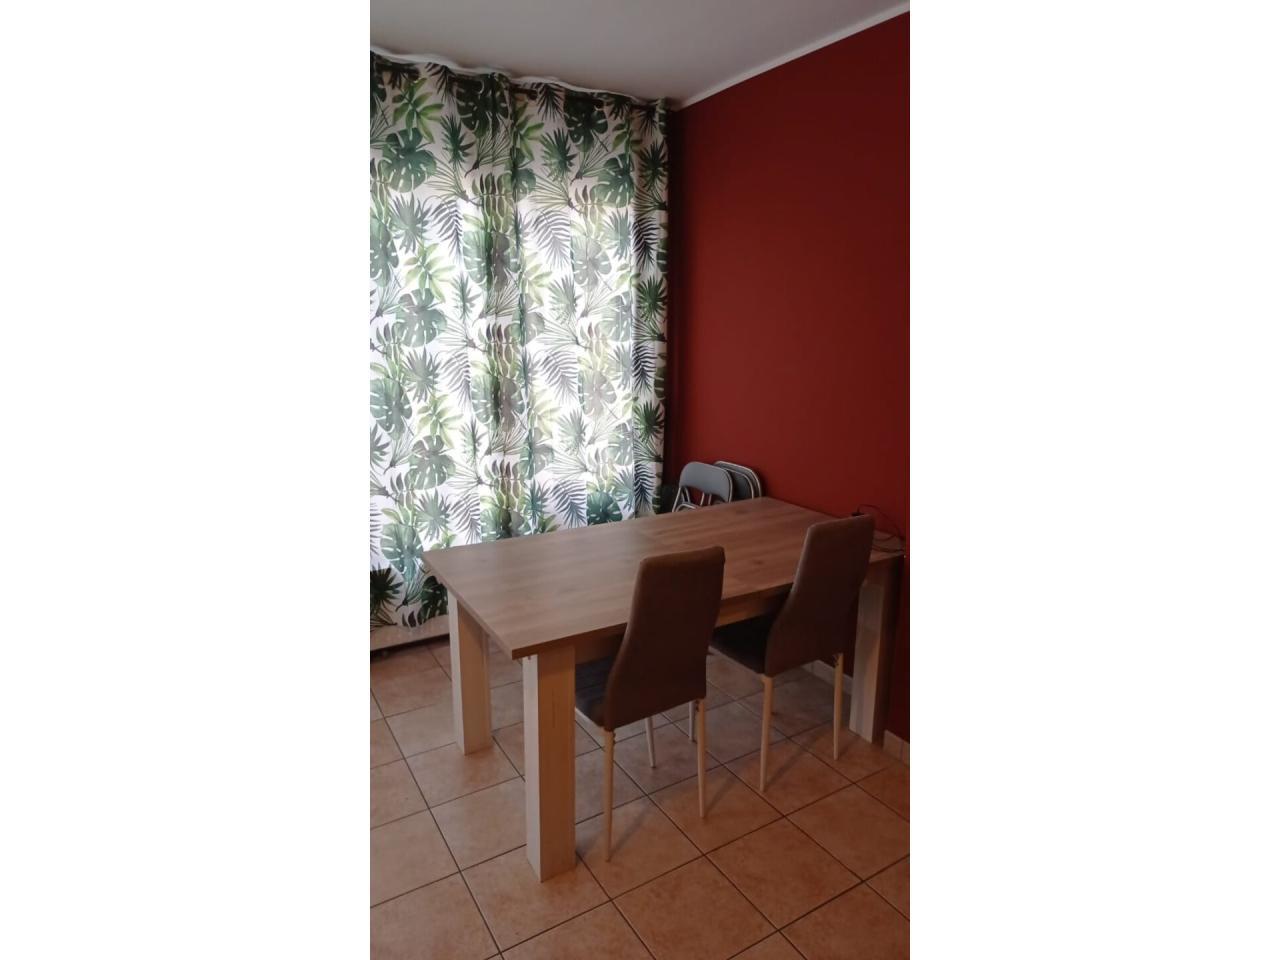 Pis en venda a Canillo - Immobiliària Cortals - Andorra - Rèf. 0295